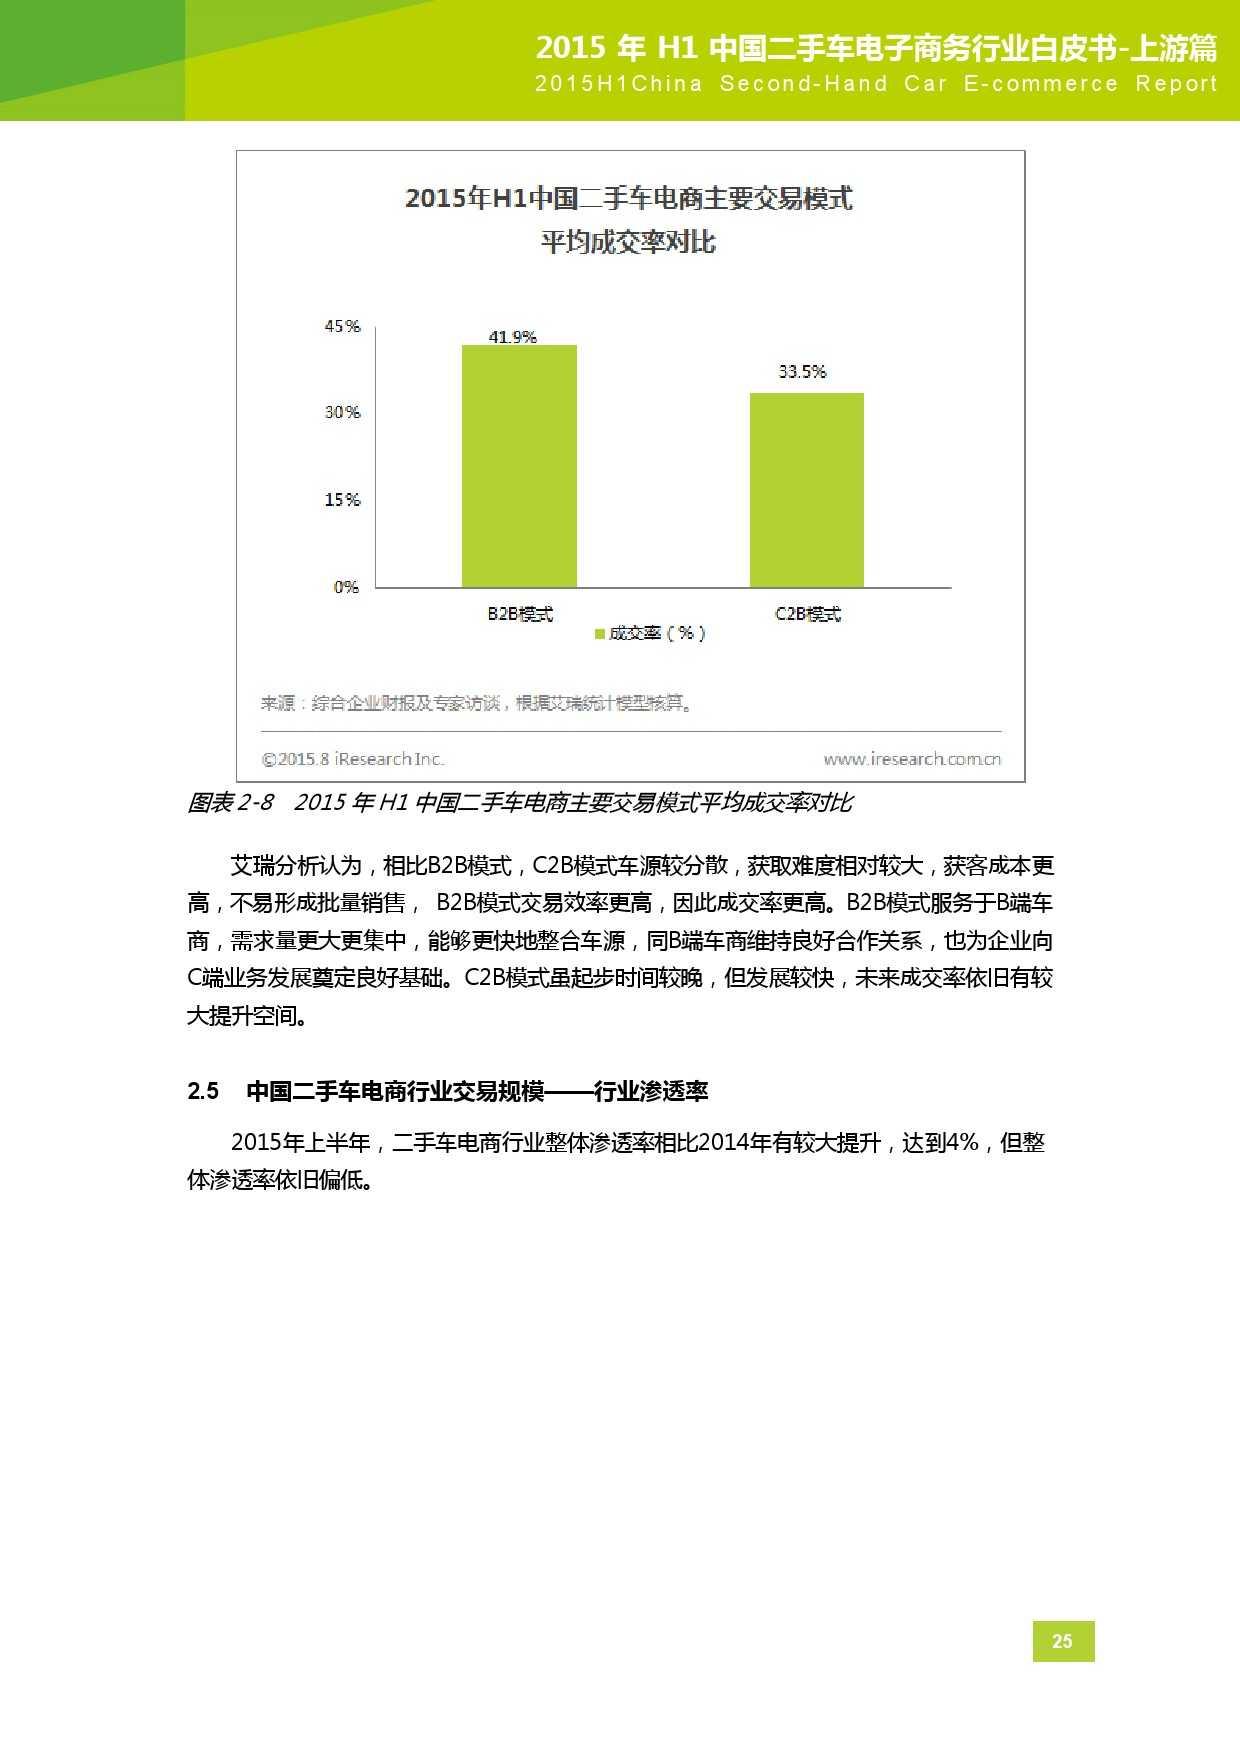 2015年中国二手车电子商务行业白皮书-上游篇_000026